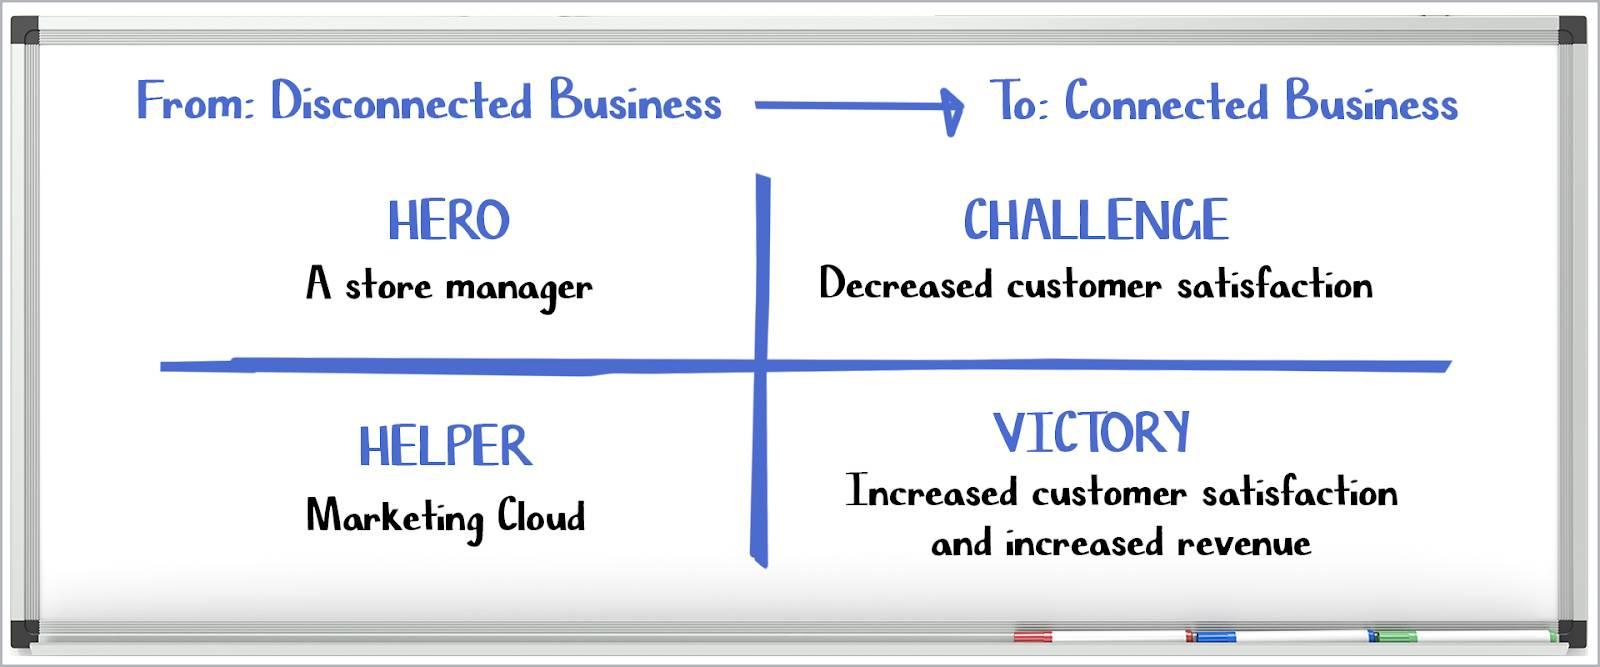 四分割されたホワイトボード。本文に記載のとおり、つながりのないビジネスからつながりのあるビジネスへの移行が示されています。